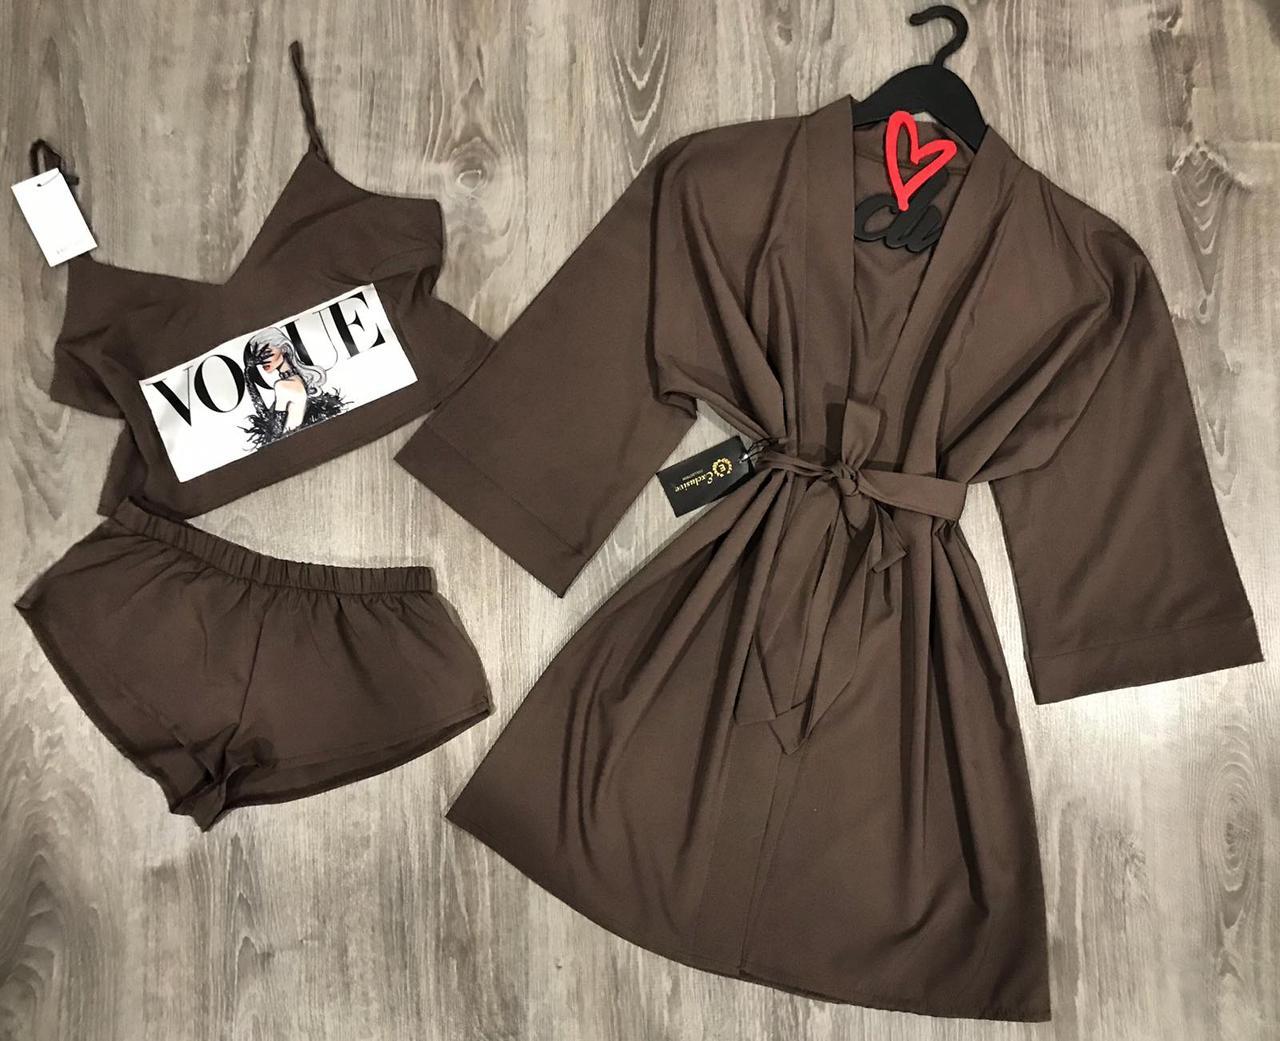 Коричневый комплект одежды  халат+пижама (майка-топ с рисунком и шорты).